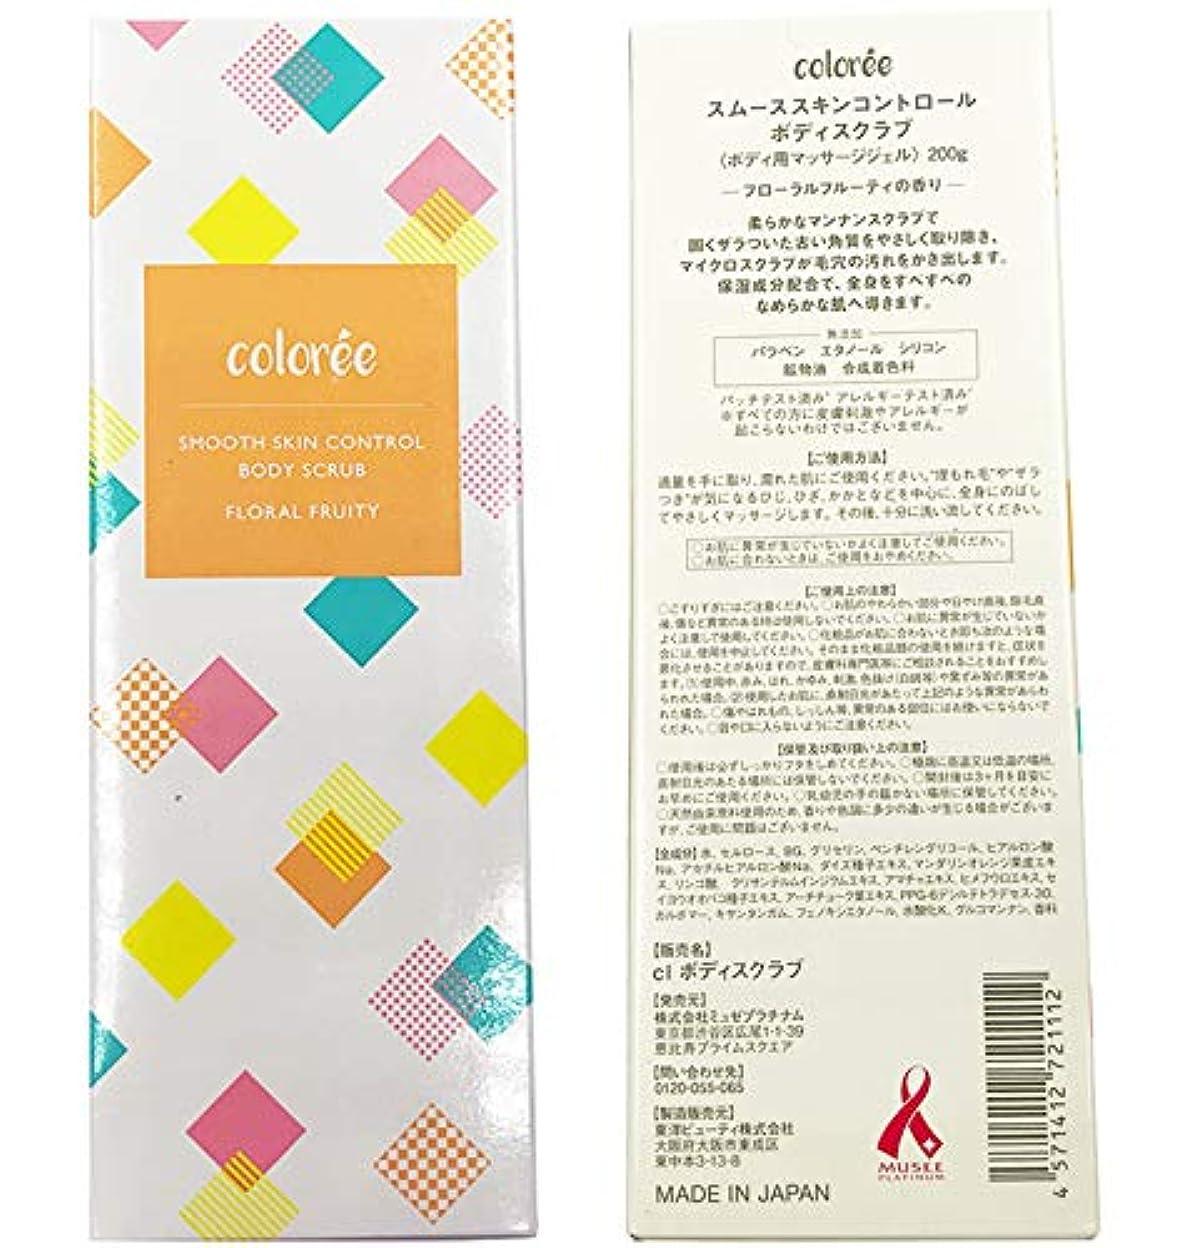 誘惑する家禽イノセンスミュゼプラチナム coloree スムーススキンコントロール ボディスクラブ (フローラルフルーティの香り) 200g